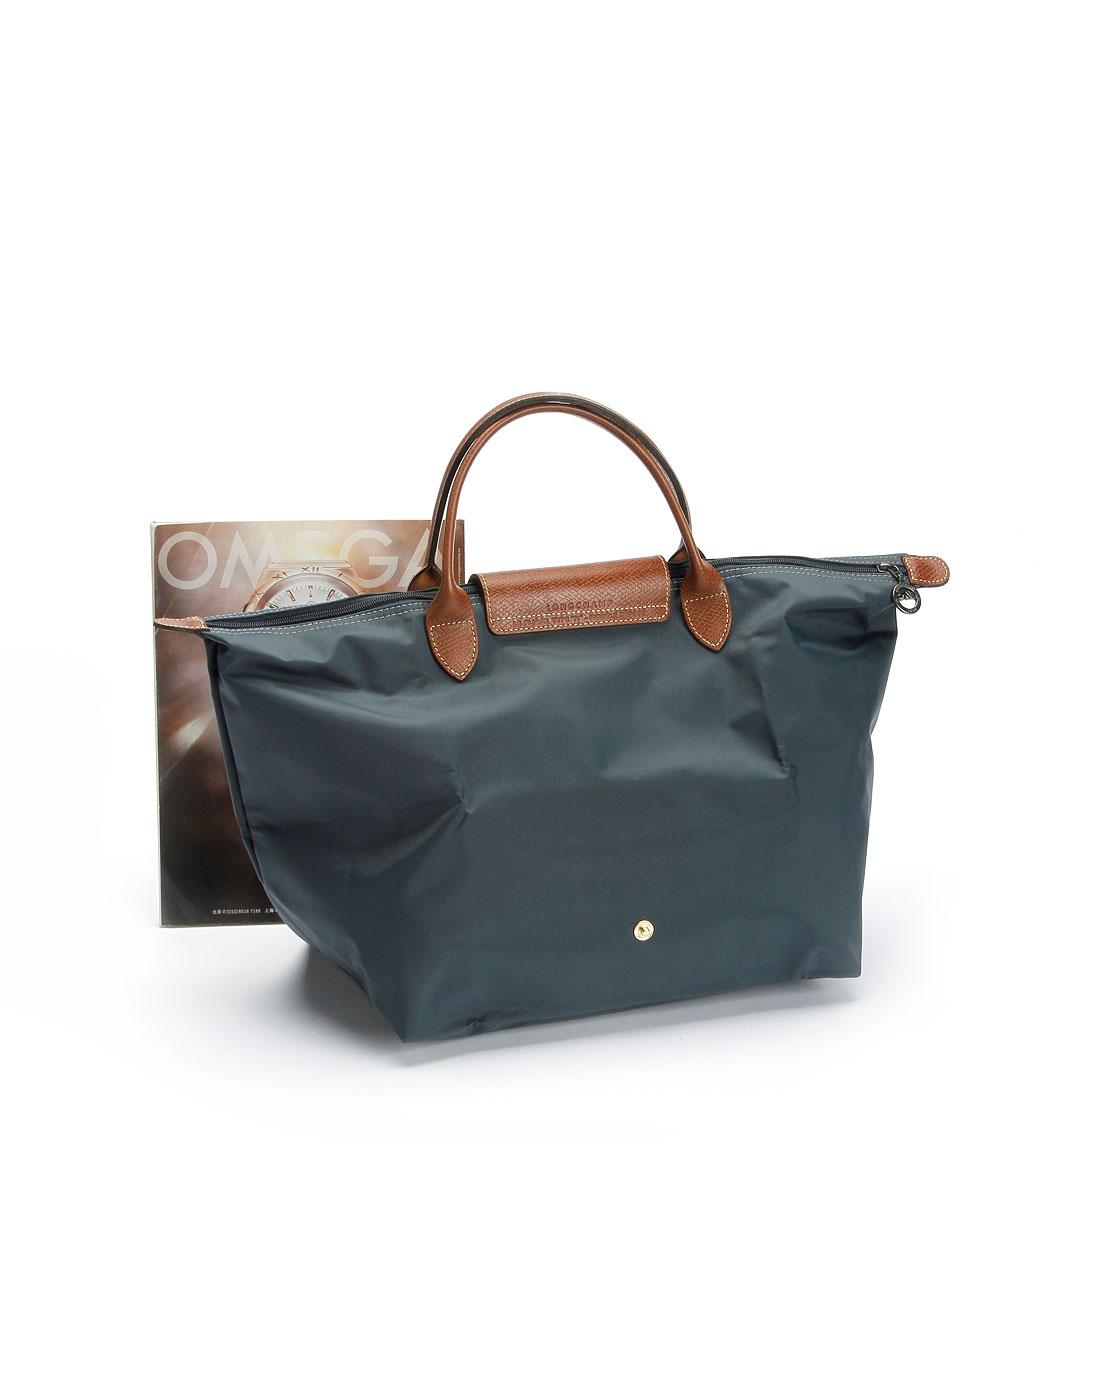 longchamp outlet uk cheap longchamp le pliage bags sale online. Black Bedroom Furniture Sets. Home Design Ideas